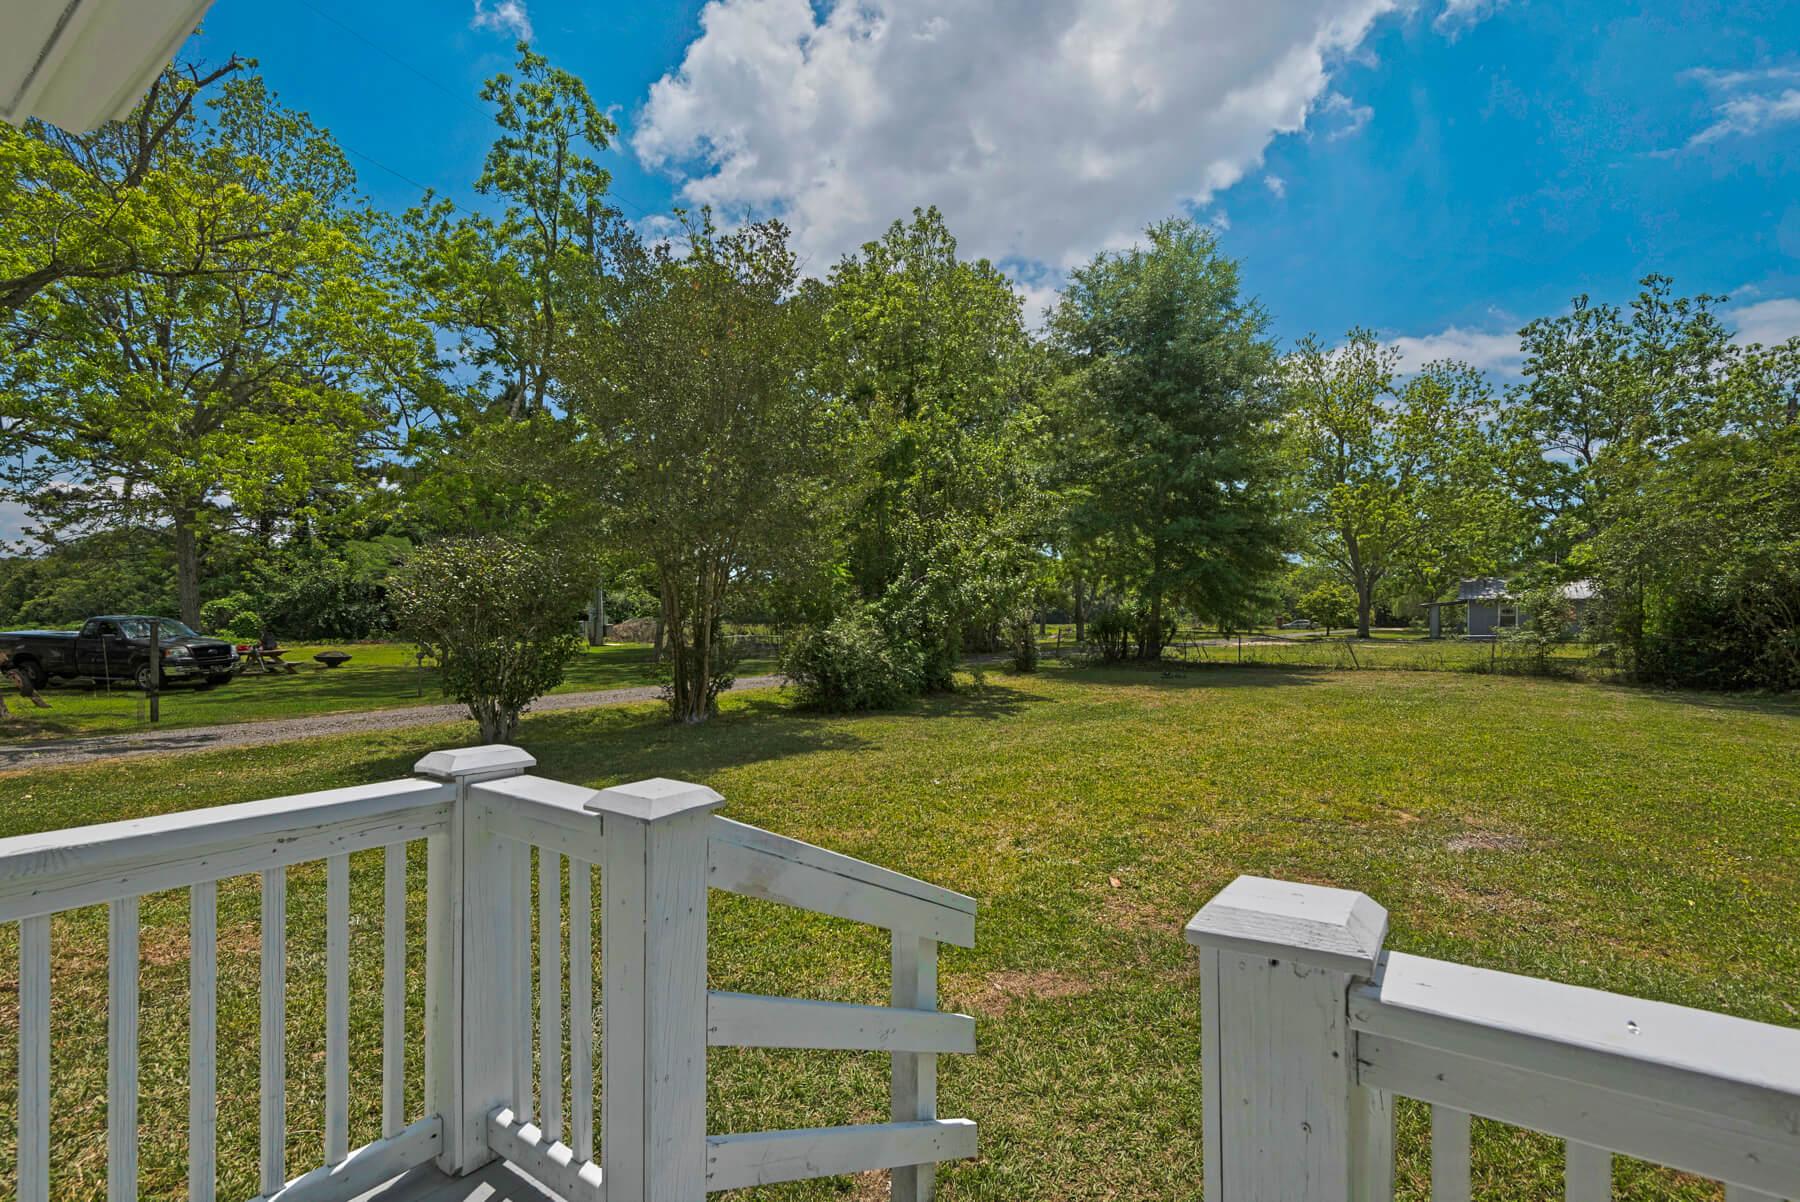 7466 Twin Beech Road Fairhope for Sale Urban Property backyard view 1